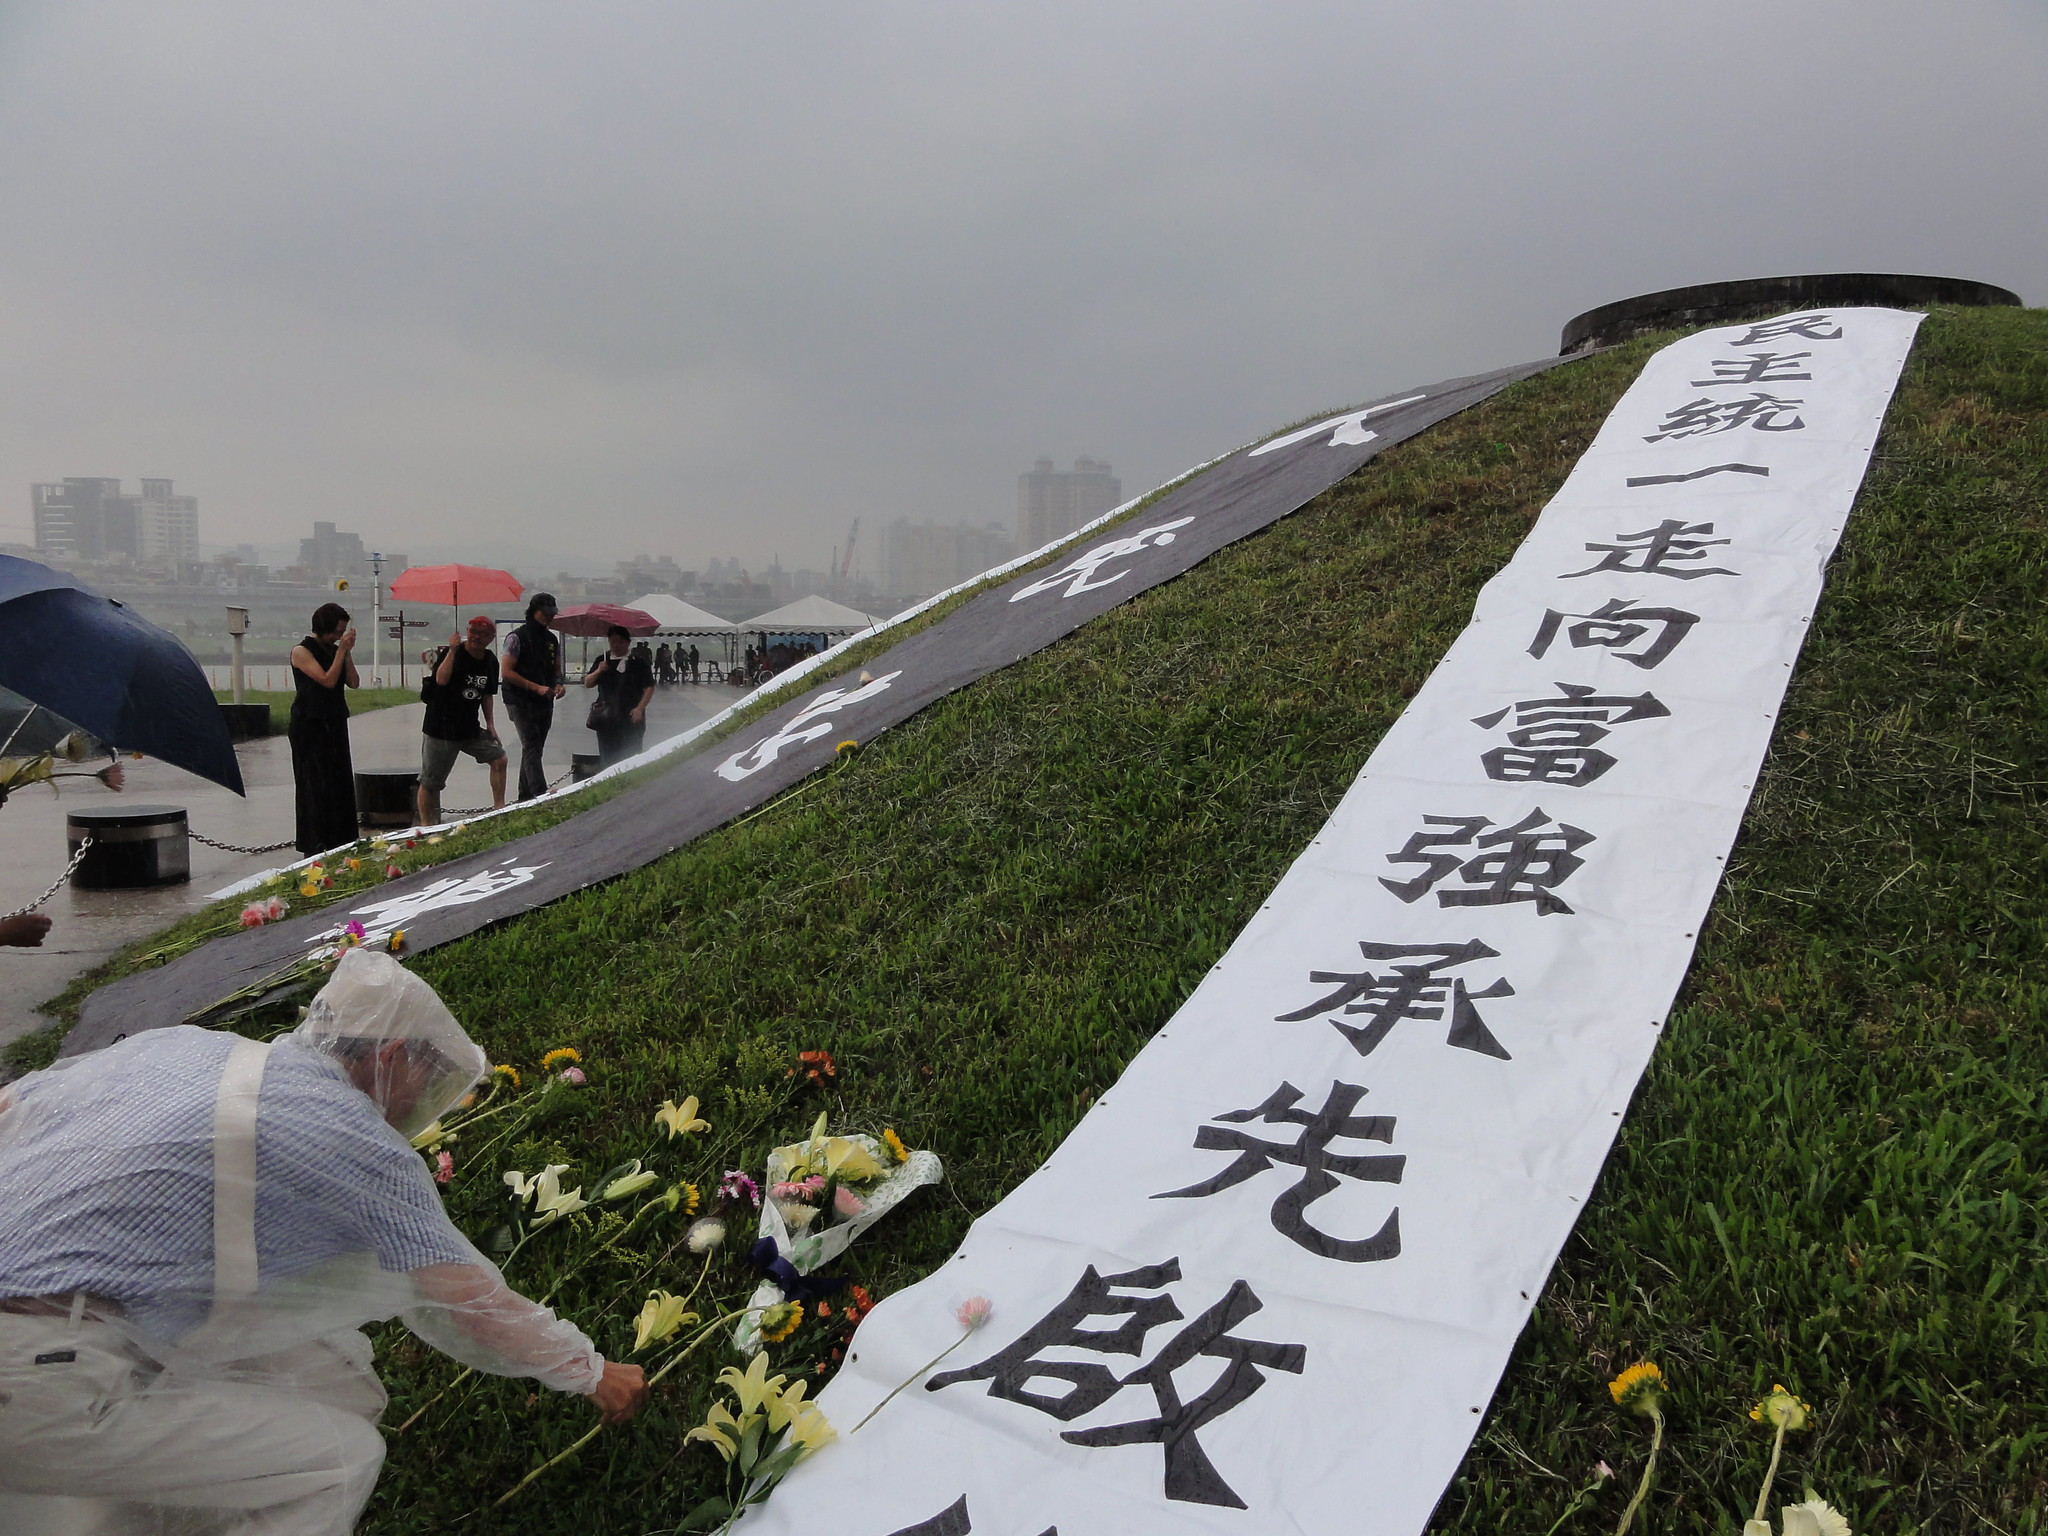 秋祭尾聲天氣驟變,參與者在滂沱大雨中將鮮花圍繞放置於馬場町土丘周圍致意。(攝影:張智琦)